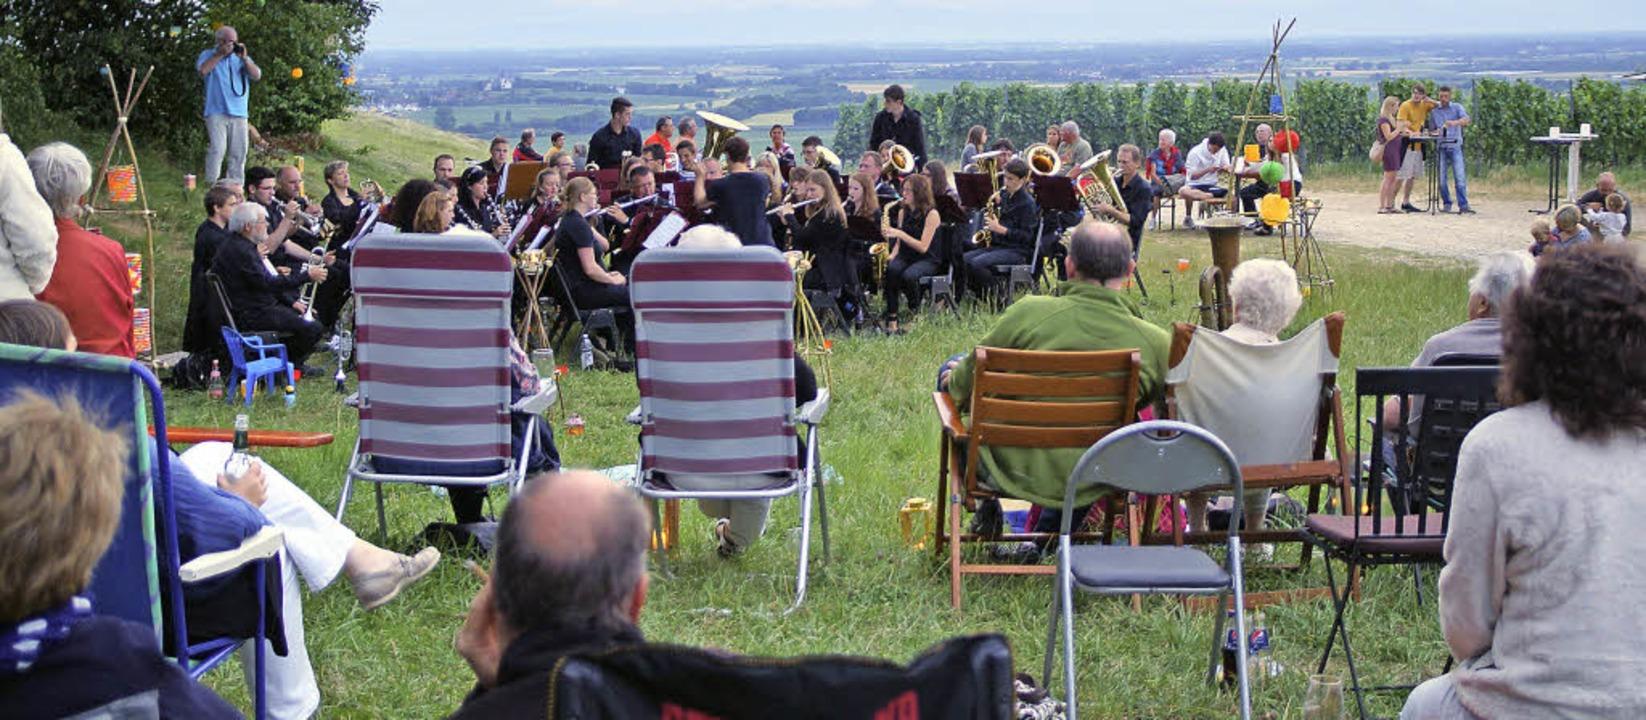 Trotz düsterer Wolken: Das Picknick-Ko...ten sich's die Besucher bequem.   | Foto: Susanne Ehmann